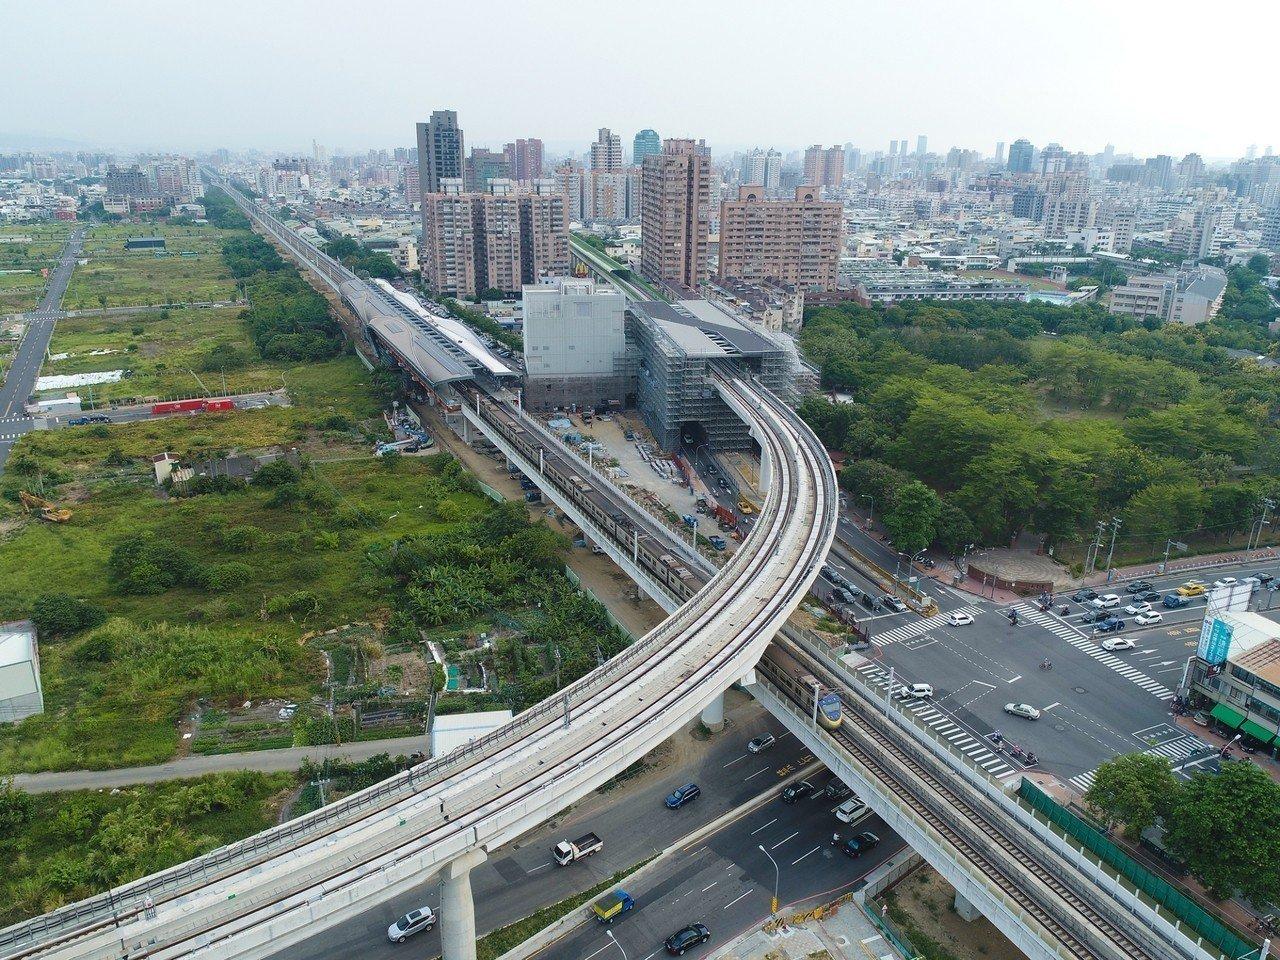 台中捷運打造「十字軸線」的捷運藍線計畫,9月12日獲行政院正式核定。全長26.2...